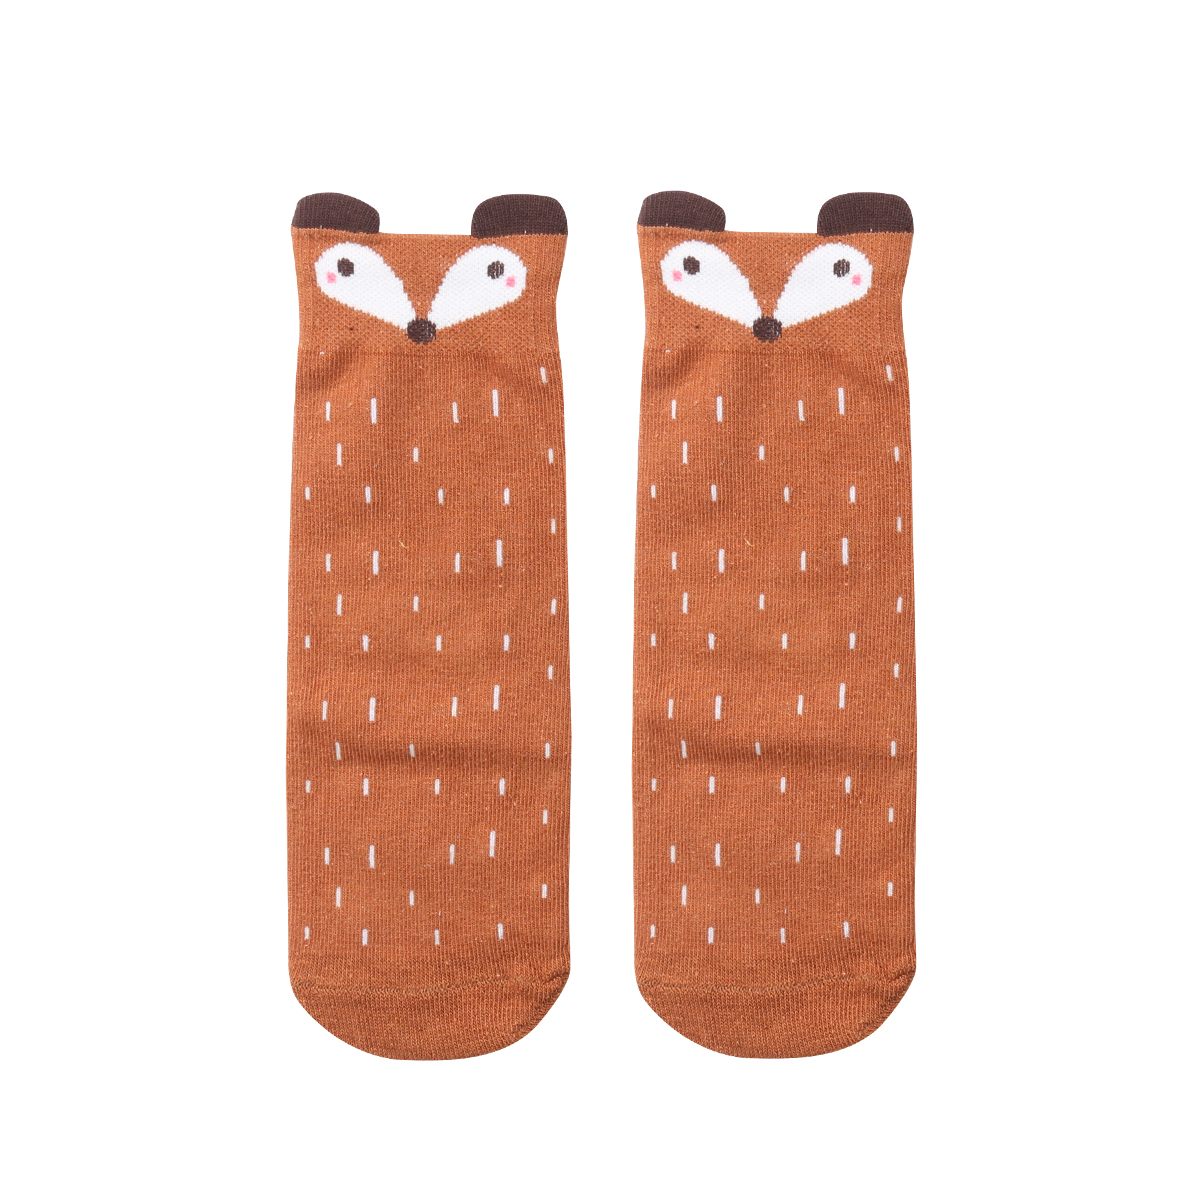 Kinderen Been Warmer Peuters Patroon Sokken Herfst Winter Sokken Voor Peuter Meisje Kleding Uitstekende Kwaliteit